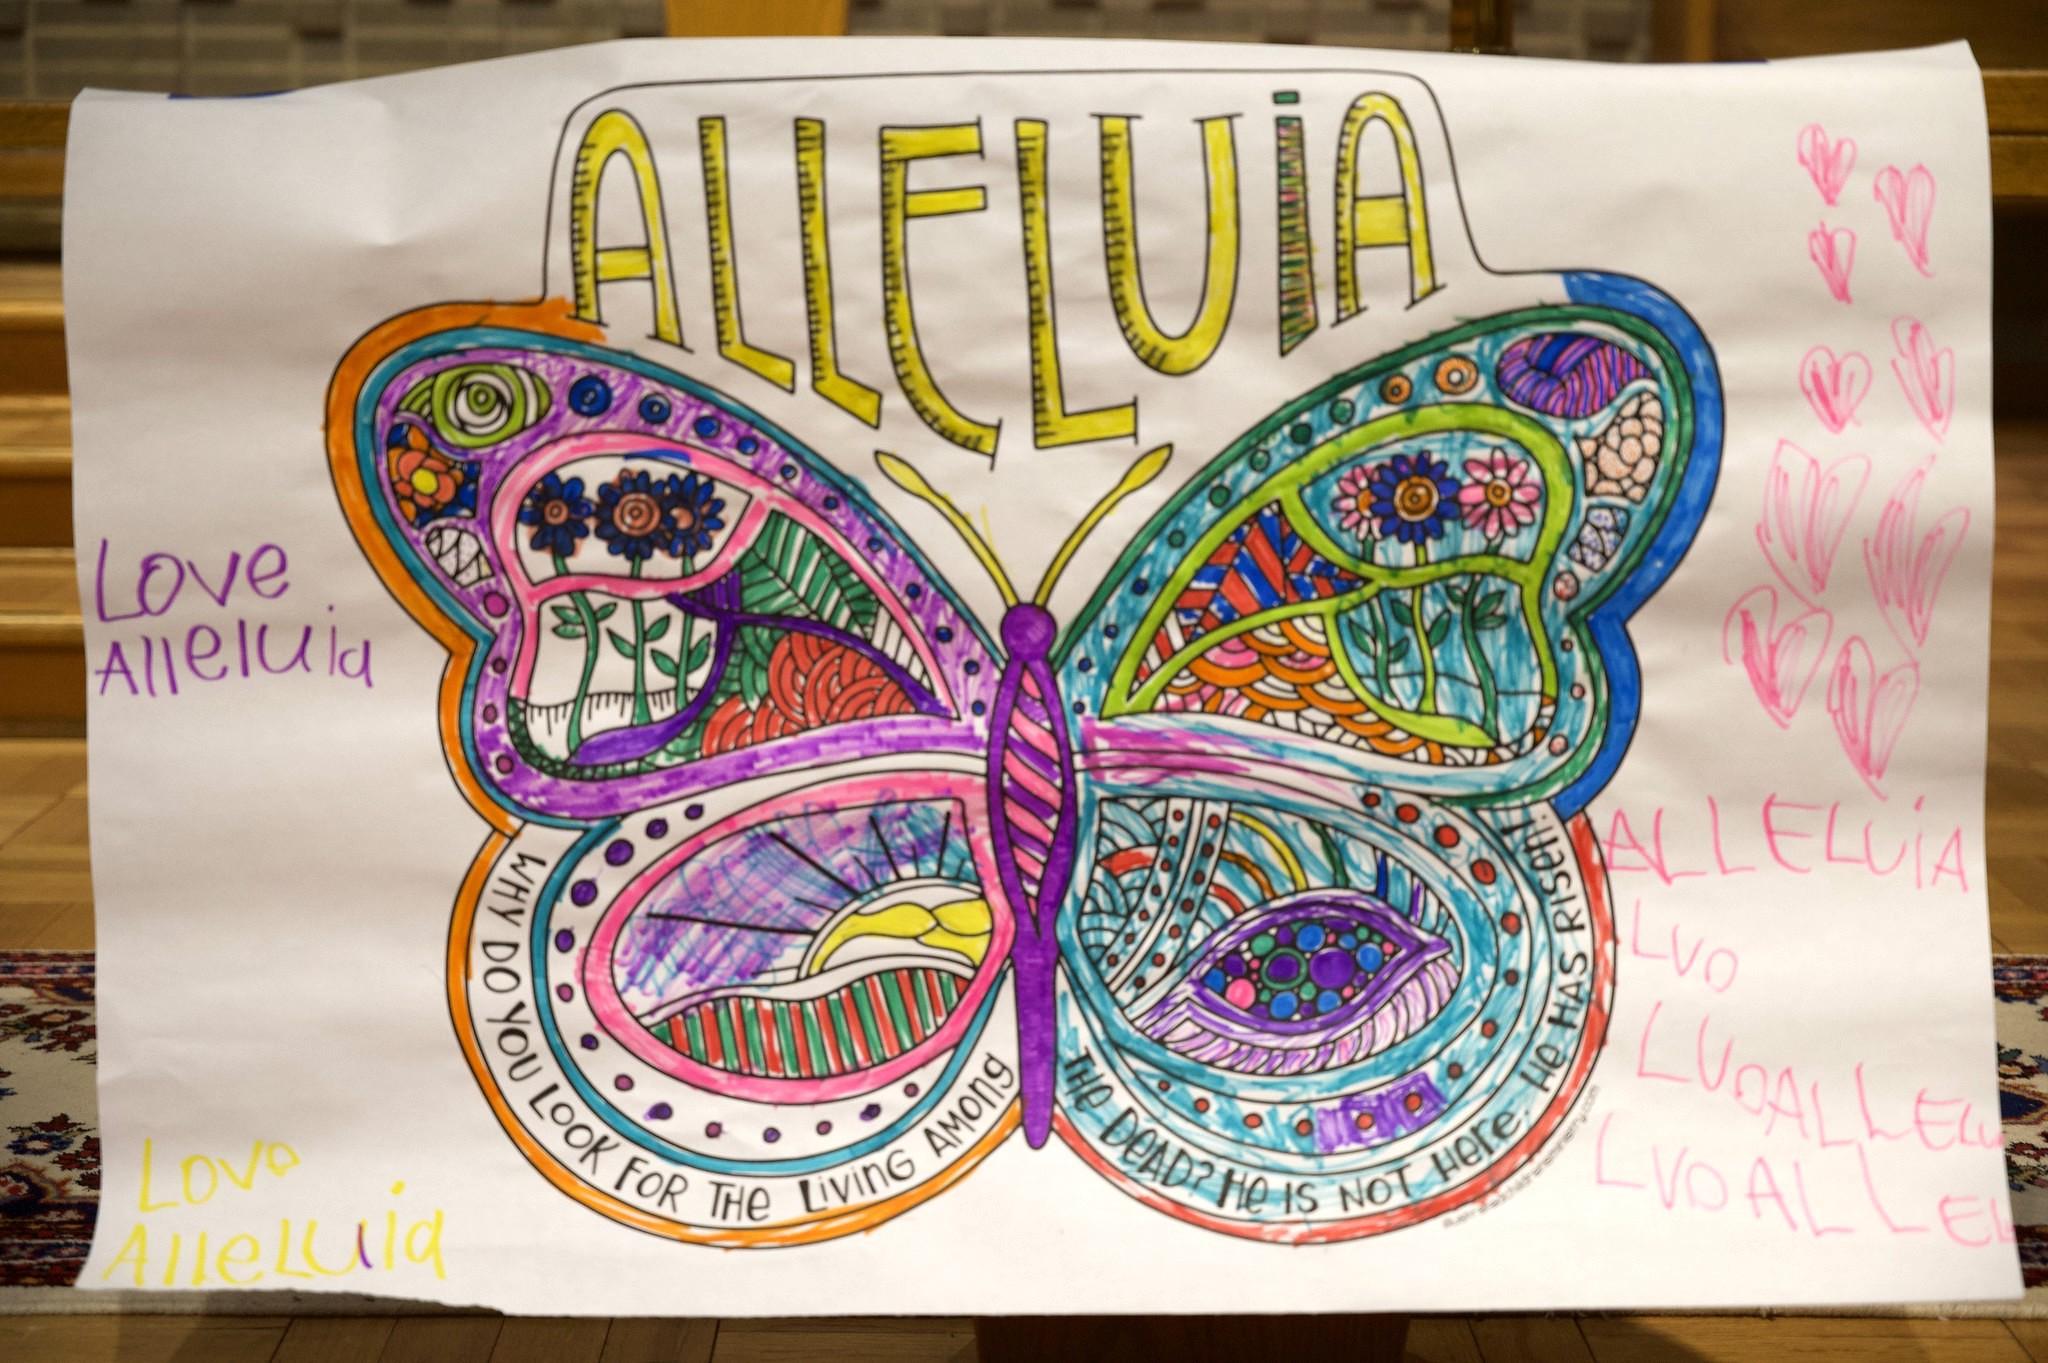 Alleluia banner